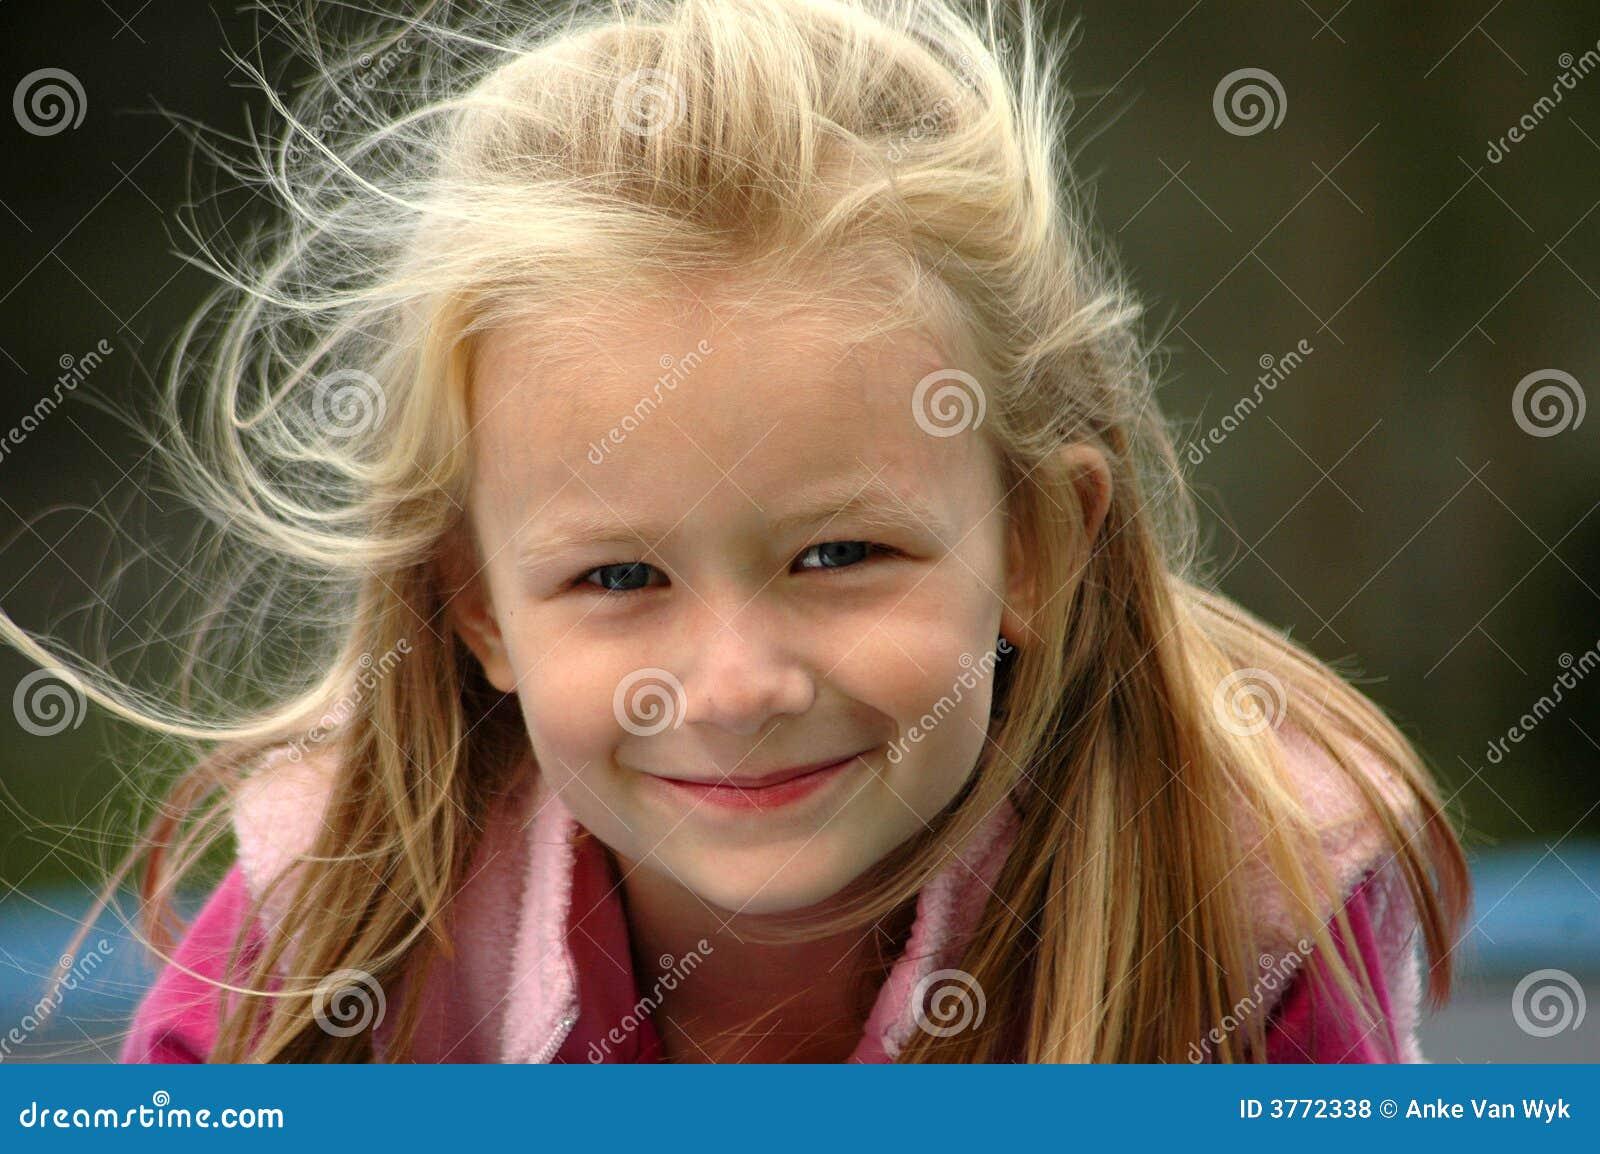 Fotografie stock libere da diritti: sorriso naturale del bambino